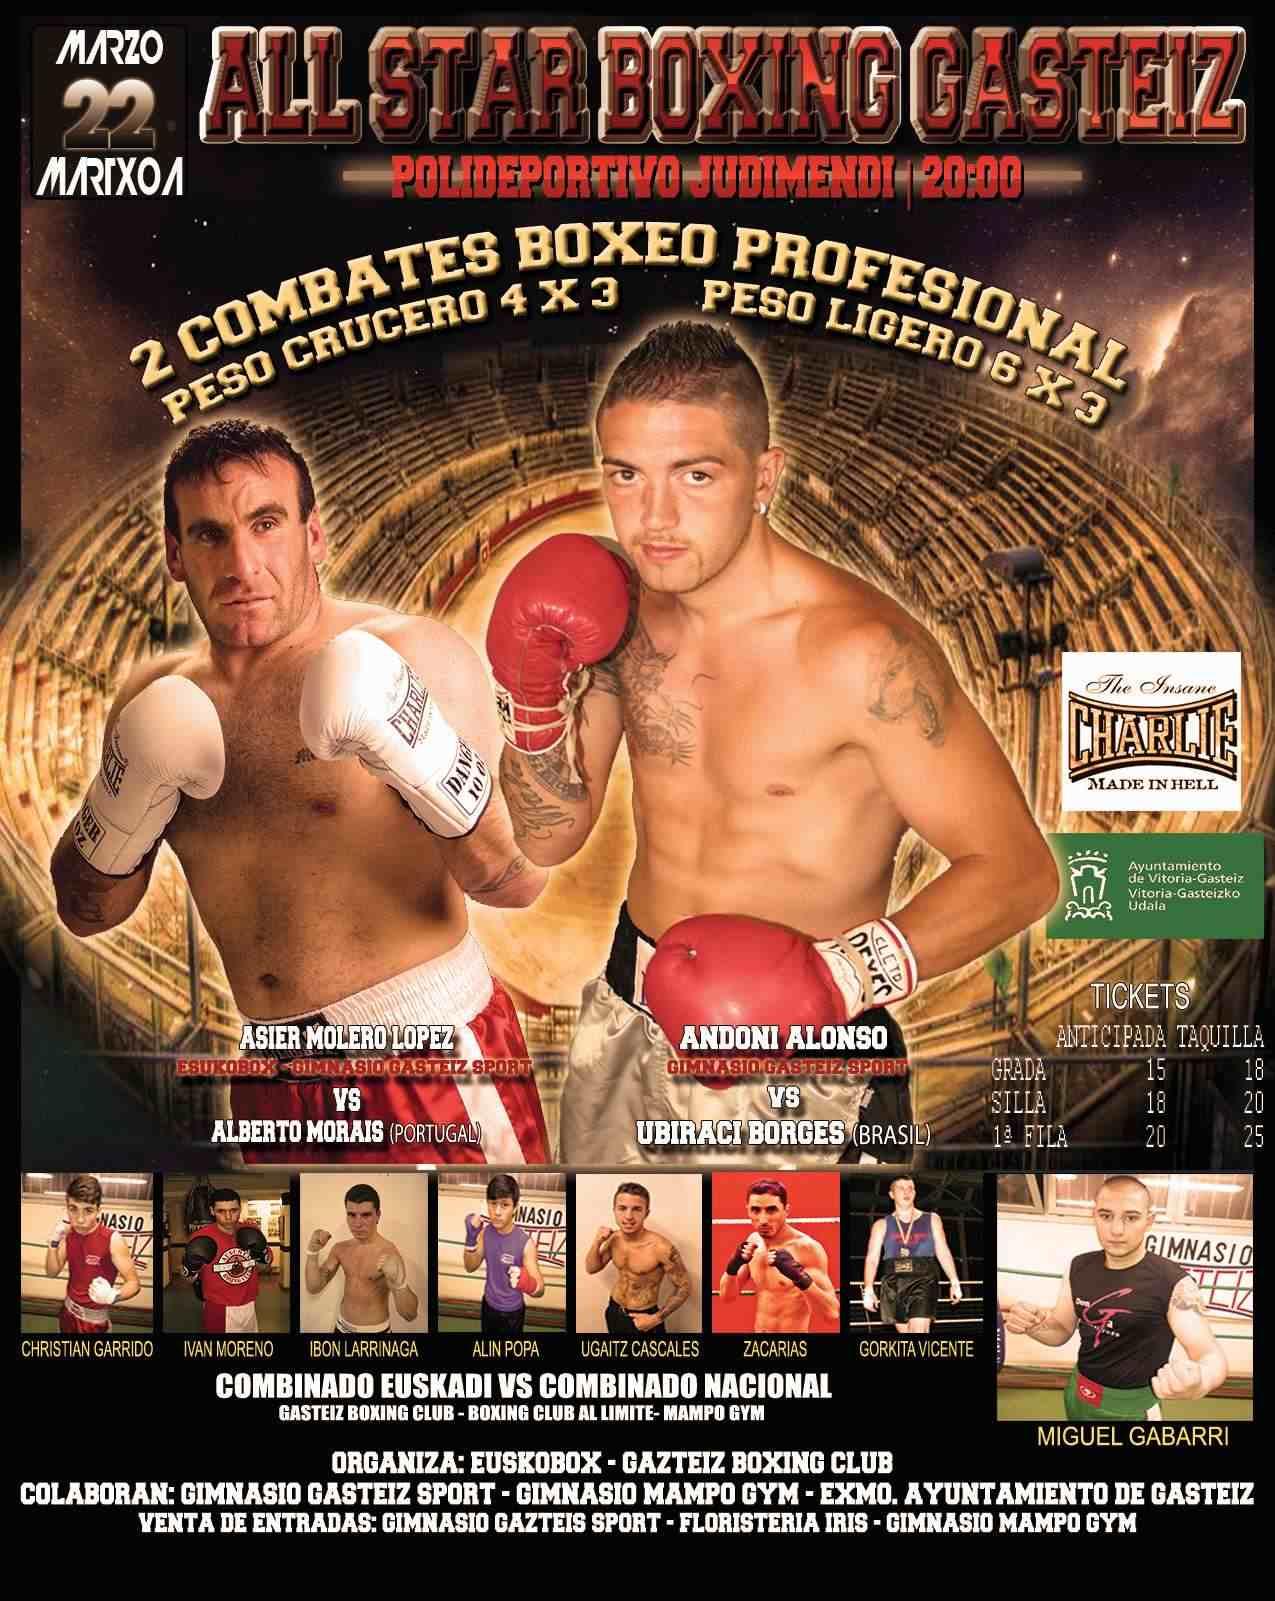 Cartel de la Velada de Boxeo profesional el 22 de marzo en el Polideportivo Judimendi de Vitoria-Gasteiz con Andoni Alonso y Asier Molero.